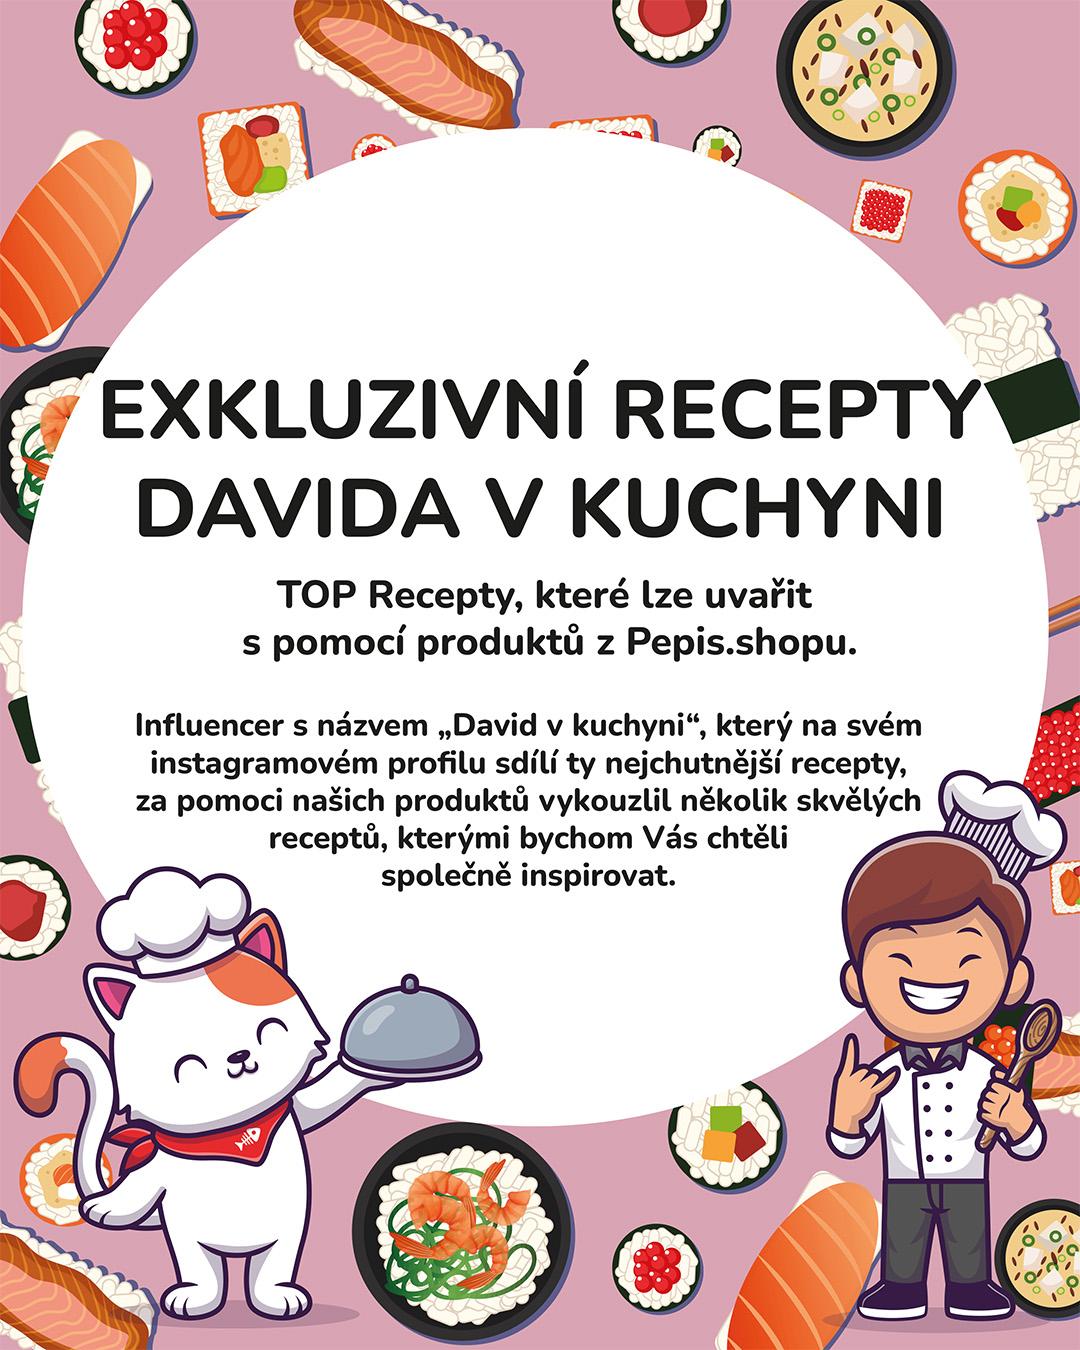 TOP RECEPTY: Nechte se inspirovat recepty od Davida v kuchyni!